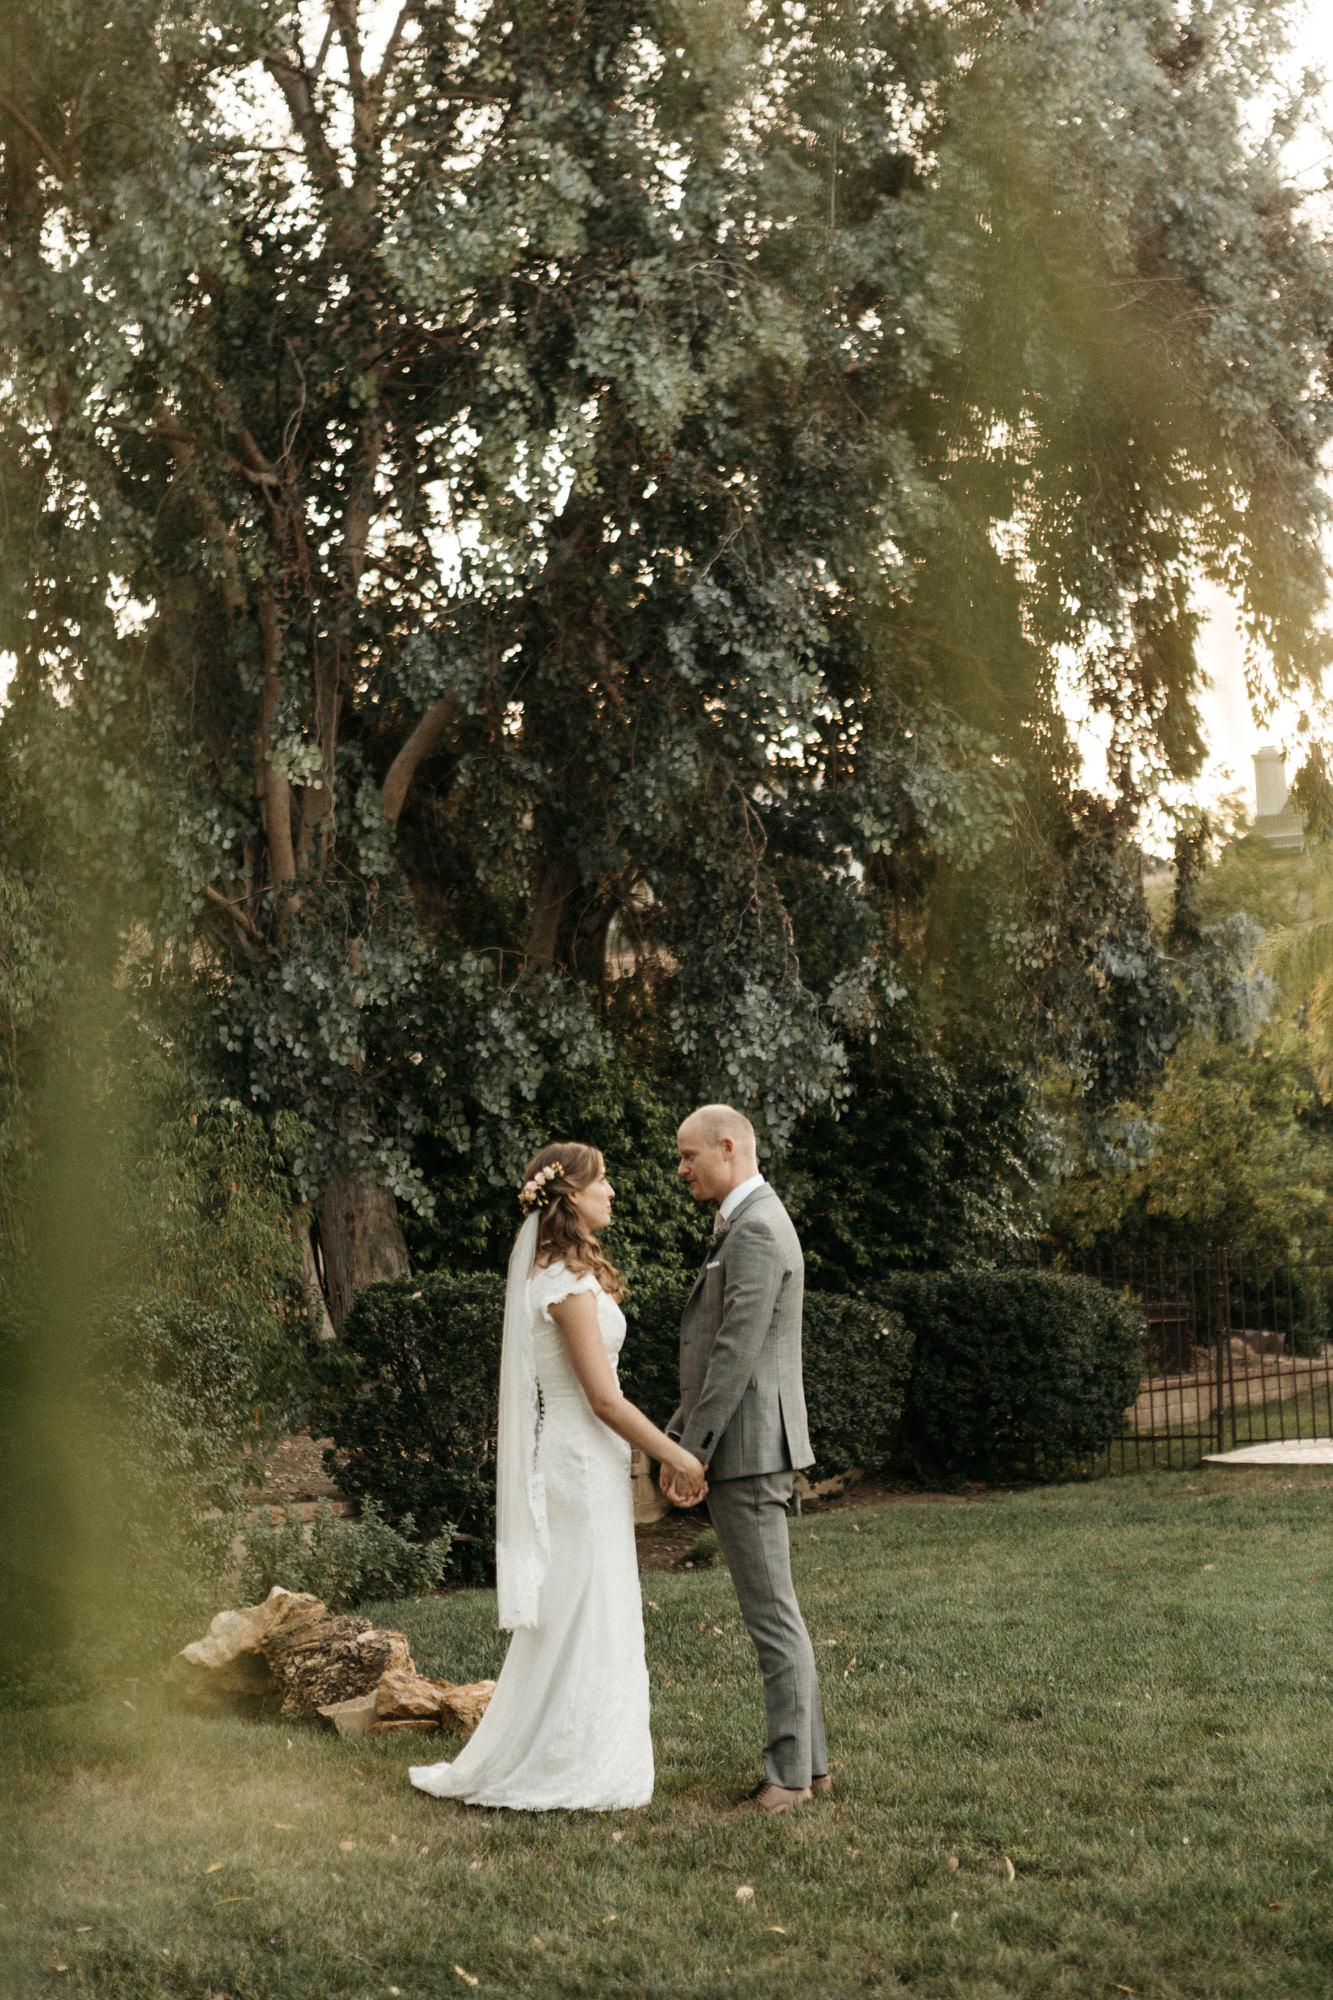 los_angeles_mormon_temple_wedding-43.jpg